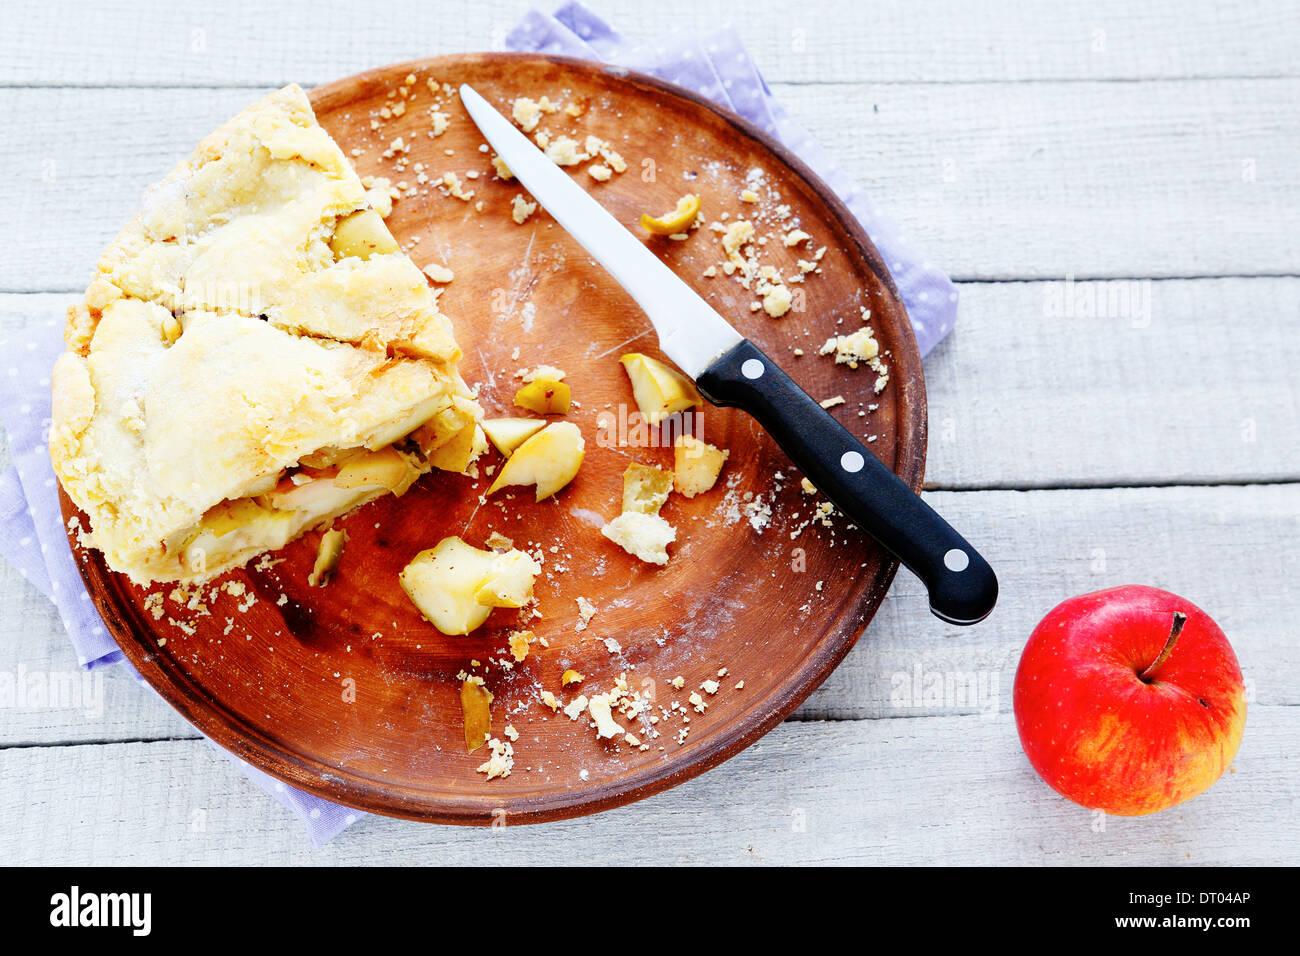 Tarte aux pommes rustique sur un plateau, deux tranches, foode Photo Stock